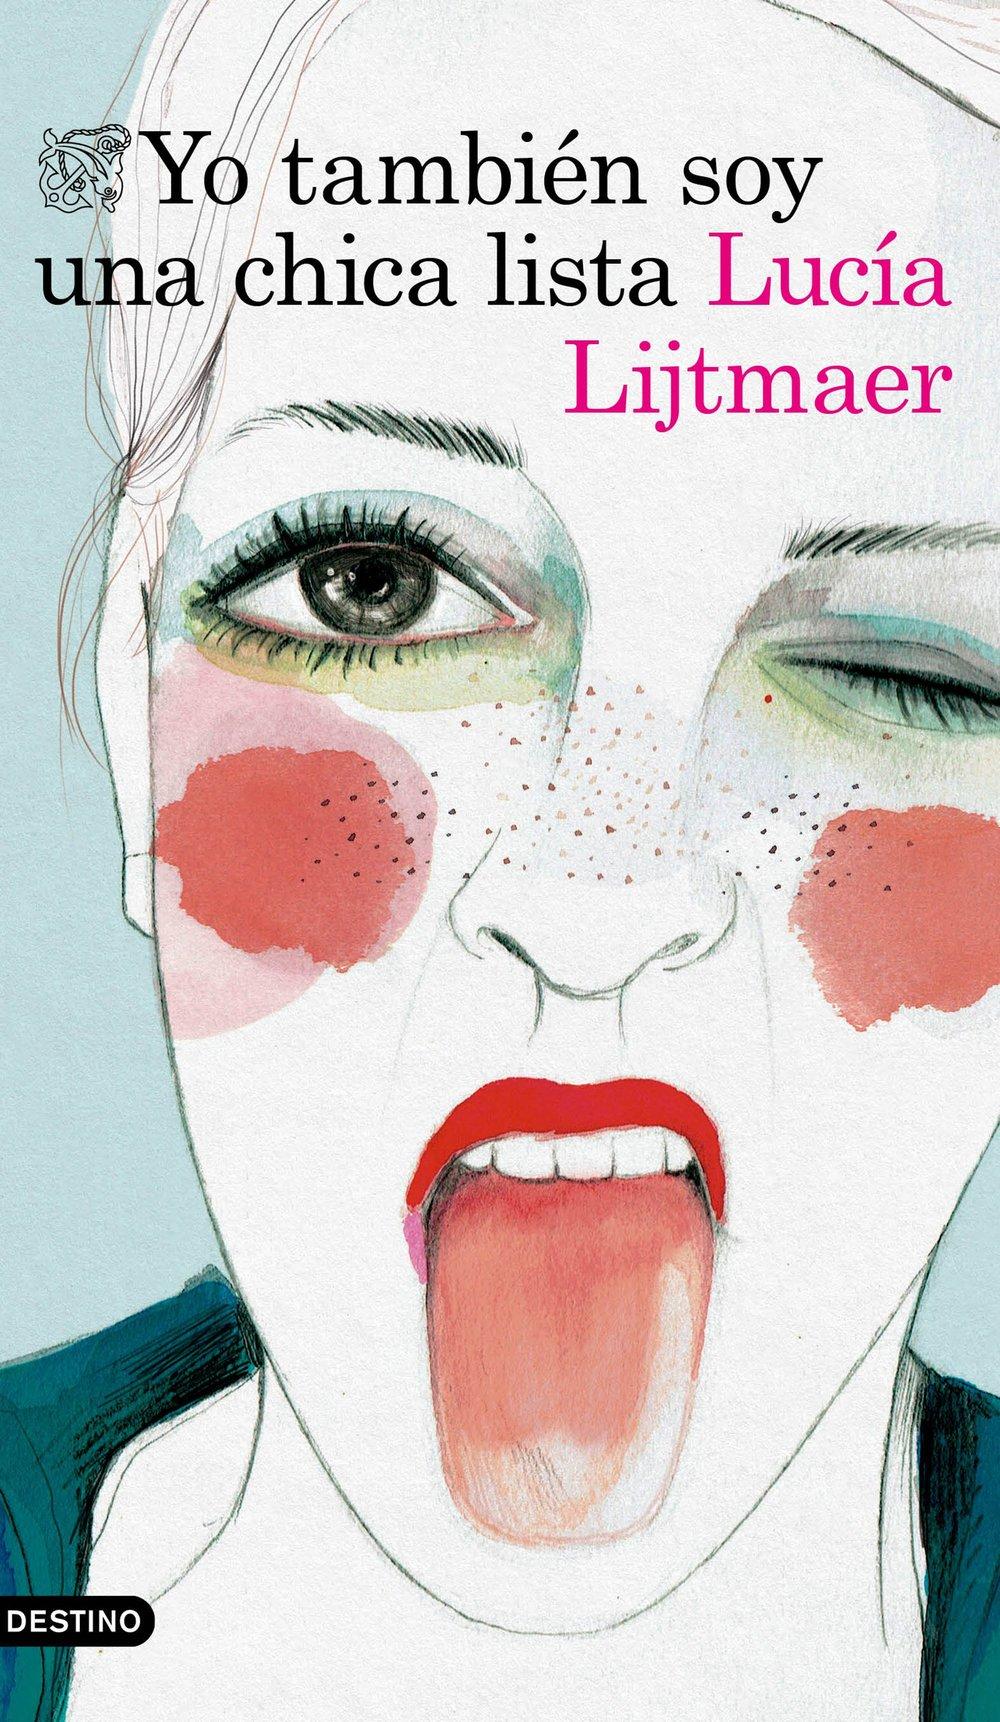 portada_yo-tambien-soy-una-chica-lista_lucia-lijtmaer_201702201317.jpg